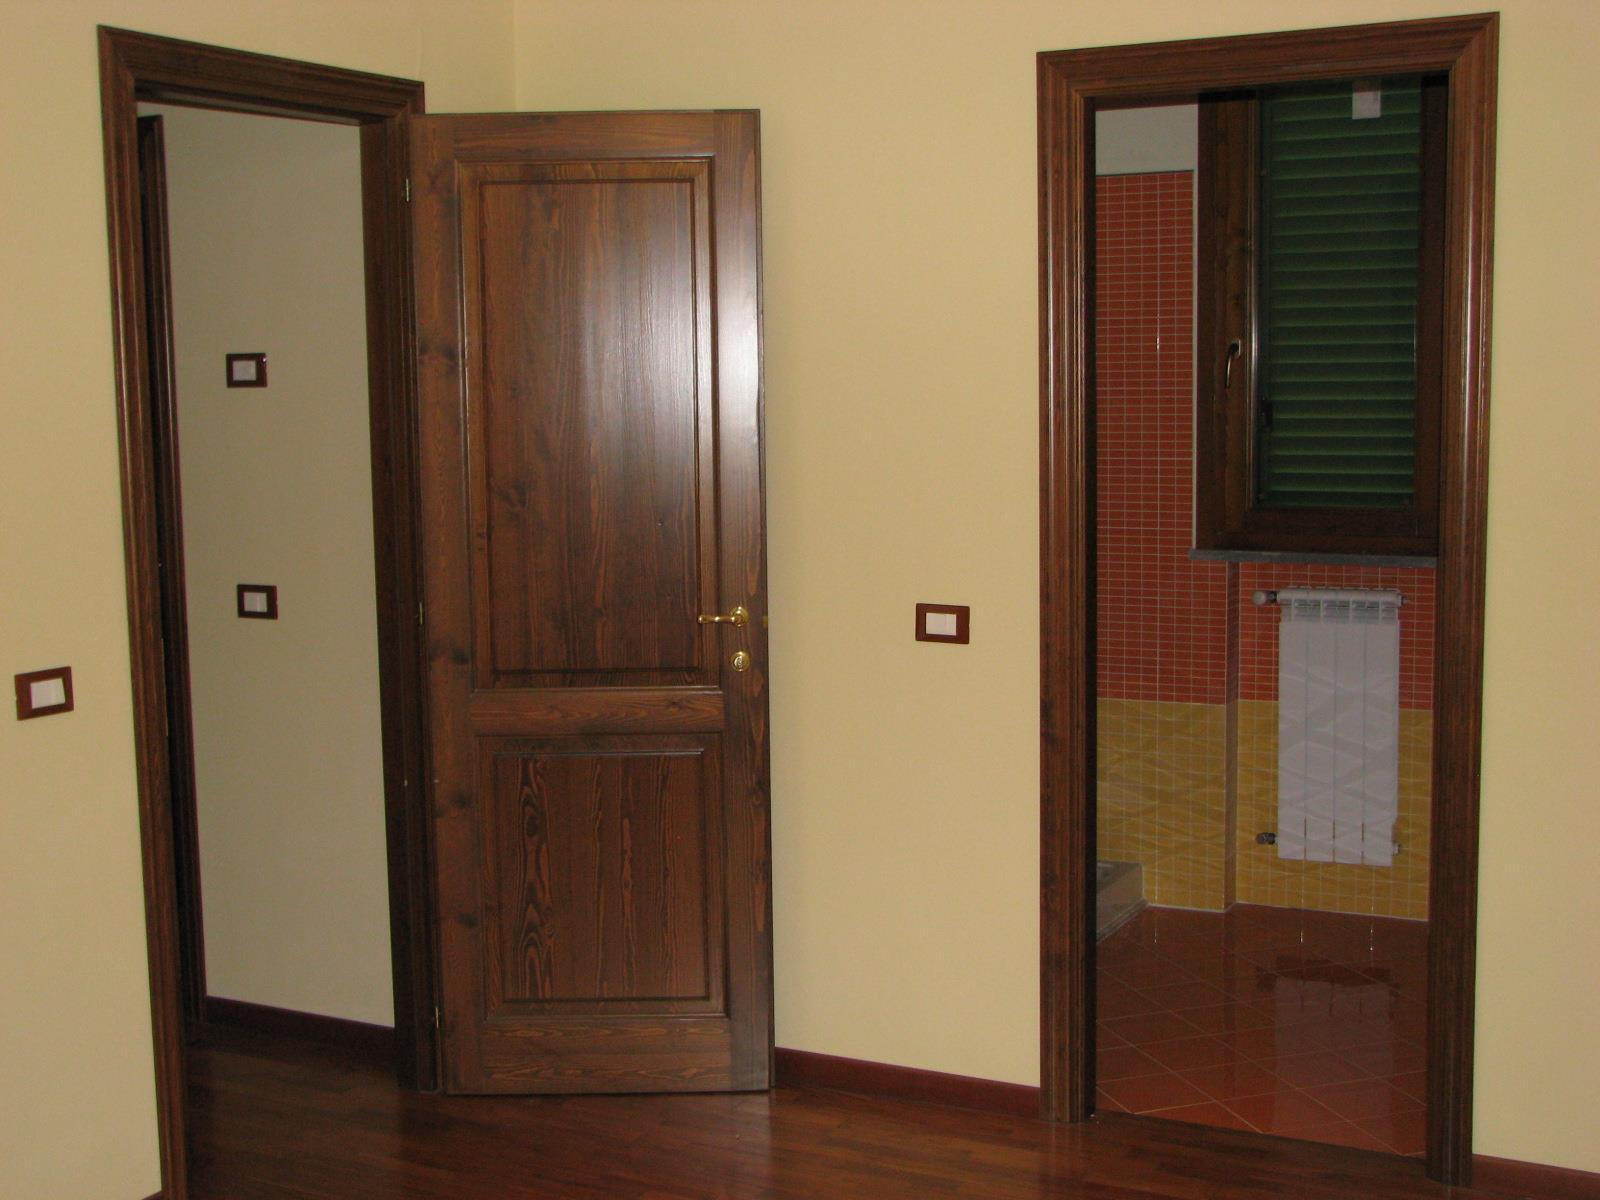 Appartamento piano secondo nuova costruzione.